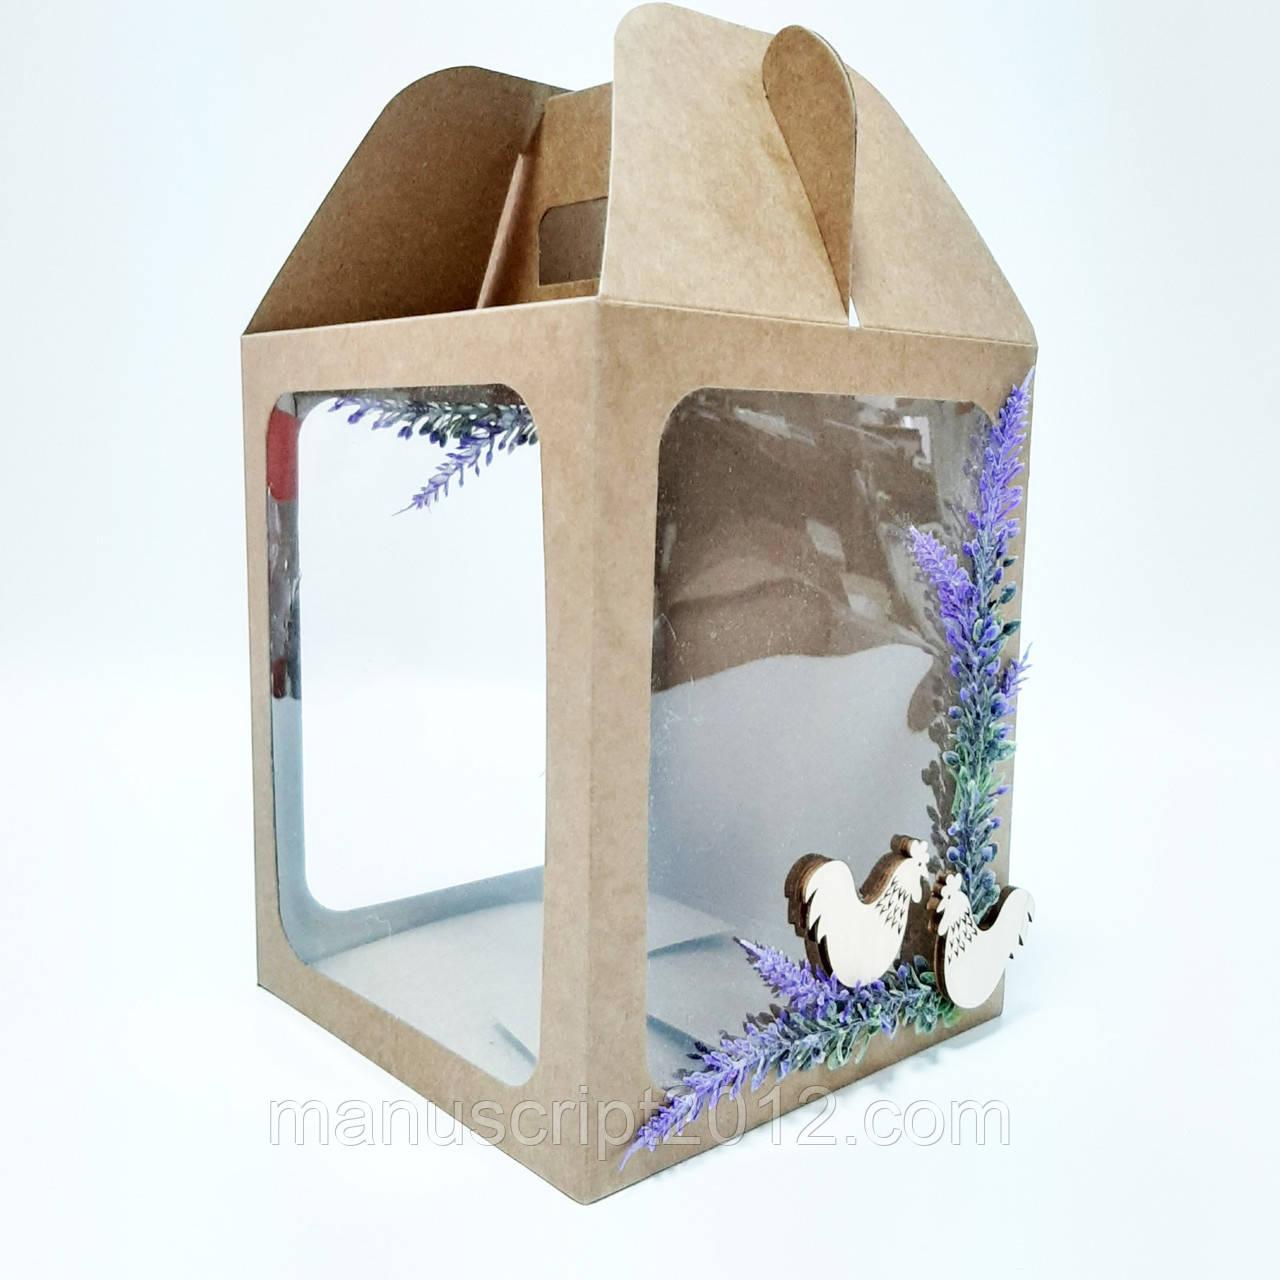 """Коробка крафт для паски, подарунків і пряникових будинків """"Лаванда 165*165*200 мм."""